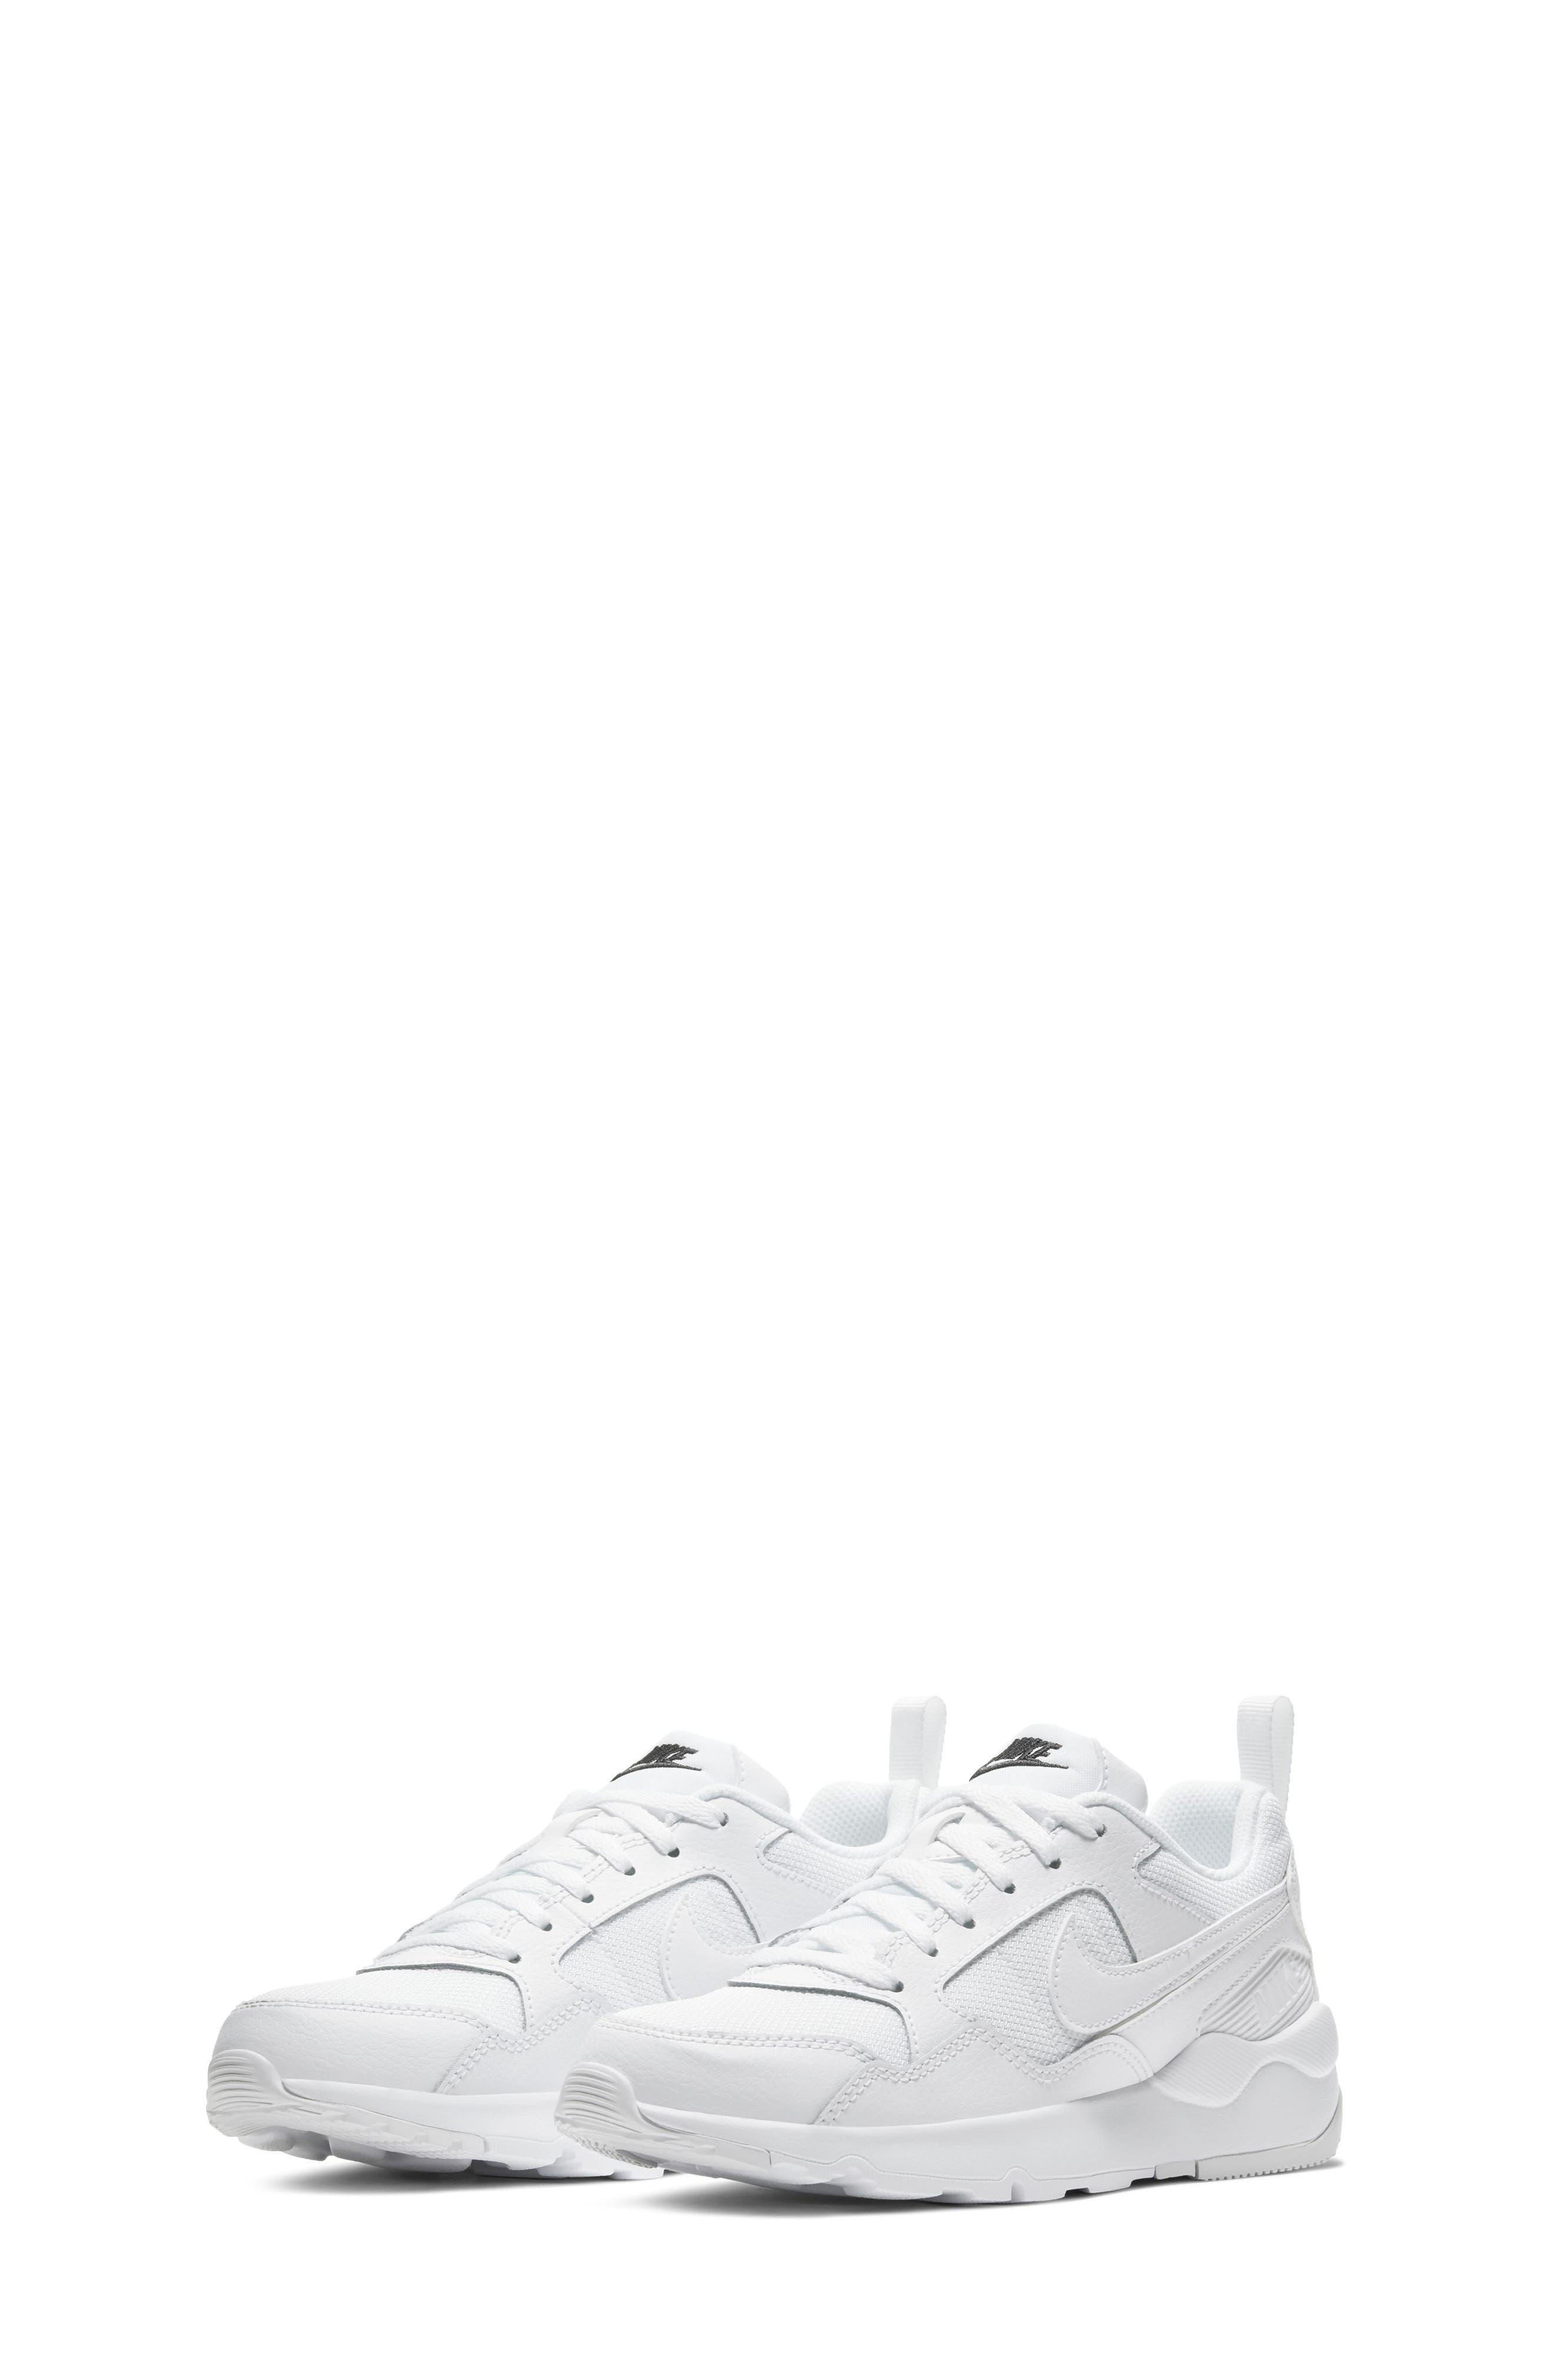 Toddler Boys' White Shoes (Sizes 7.5-12)